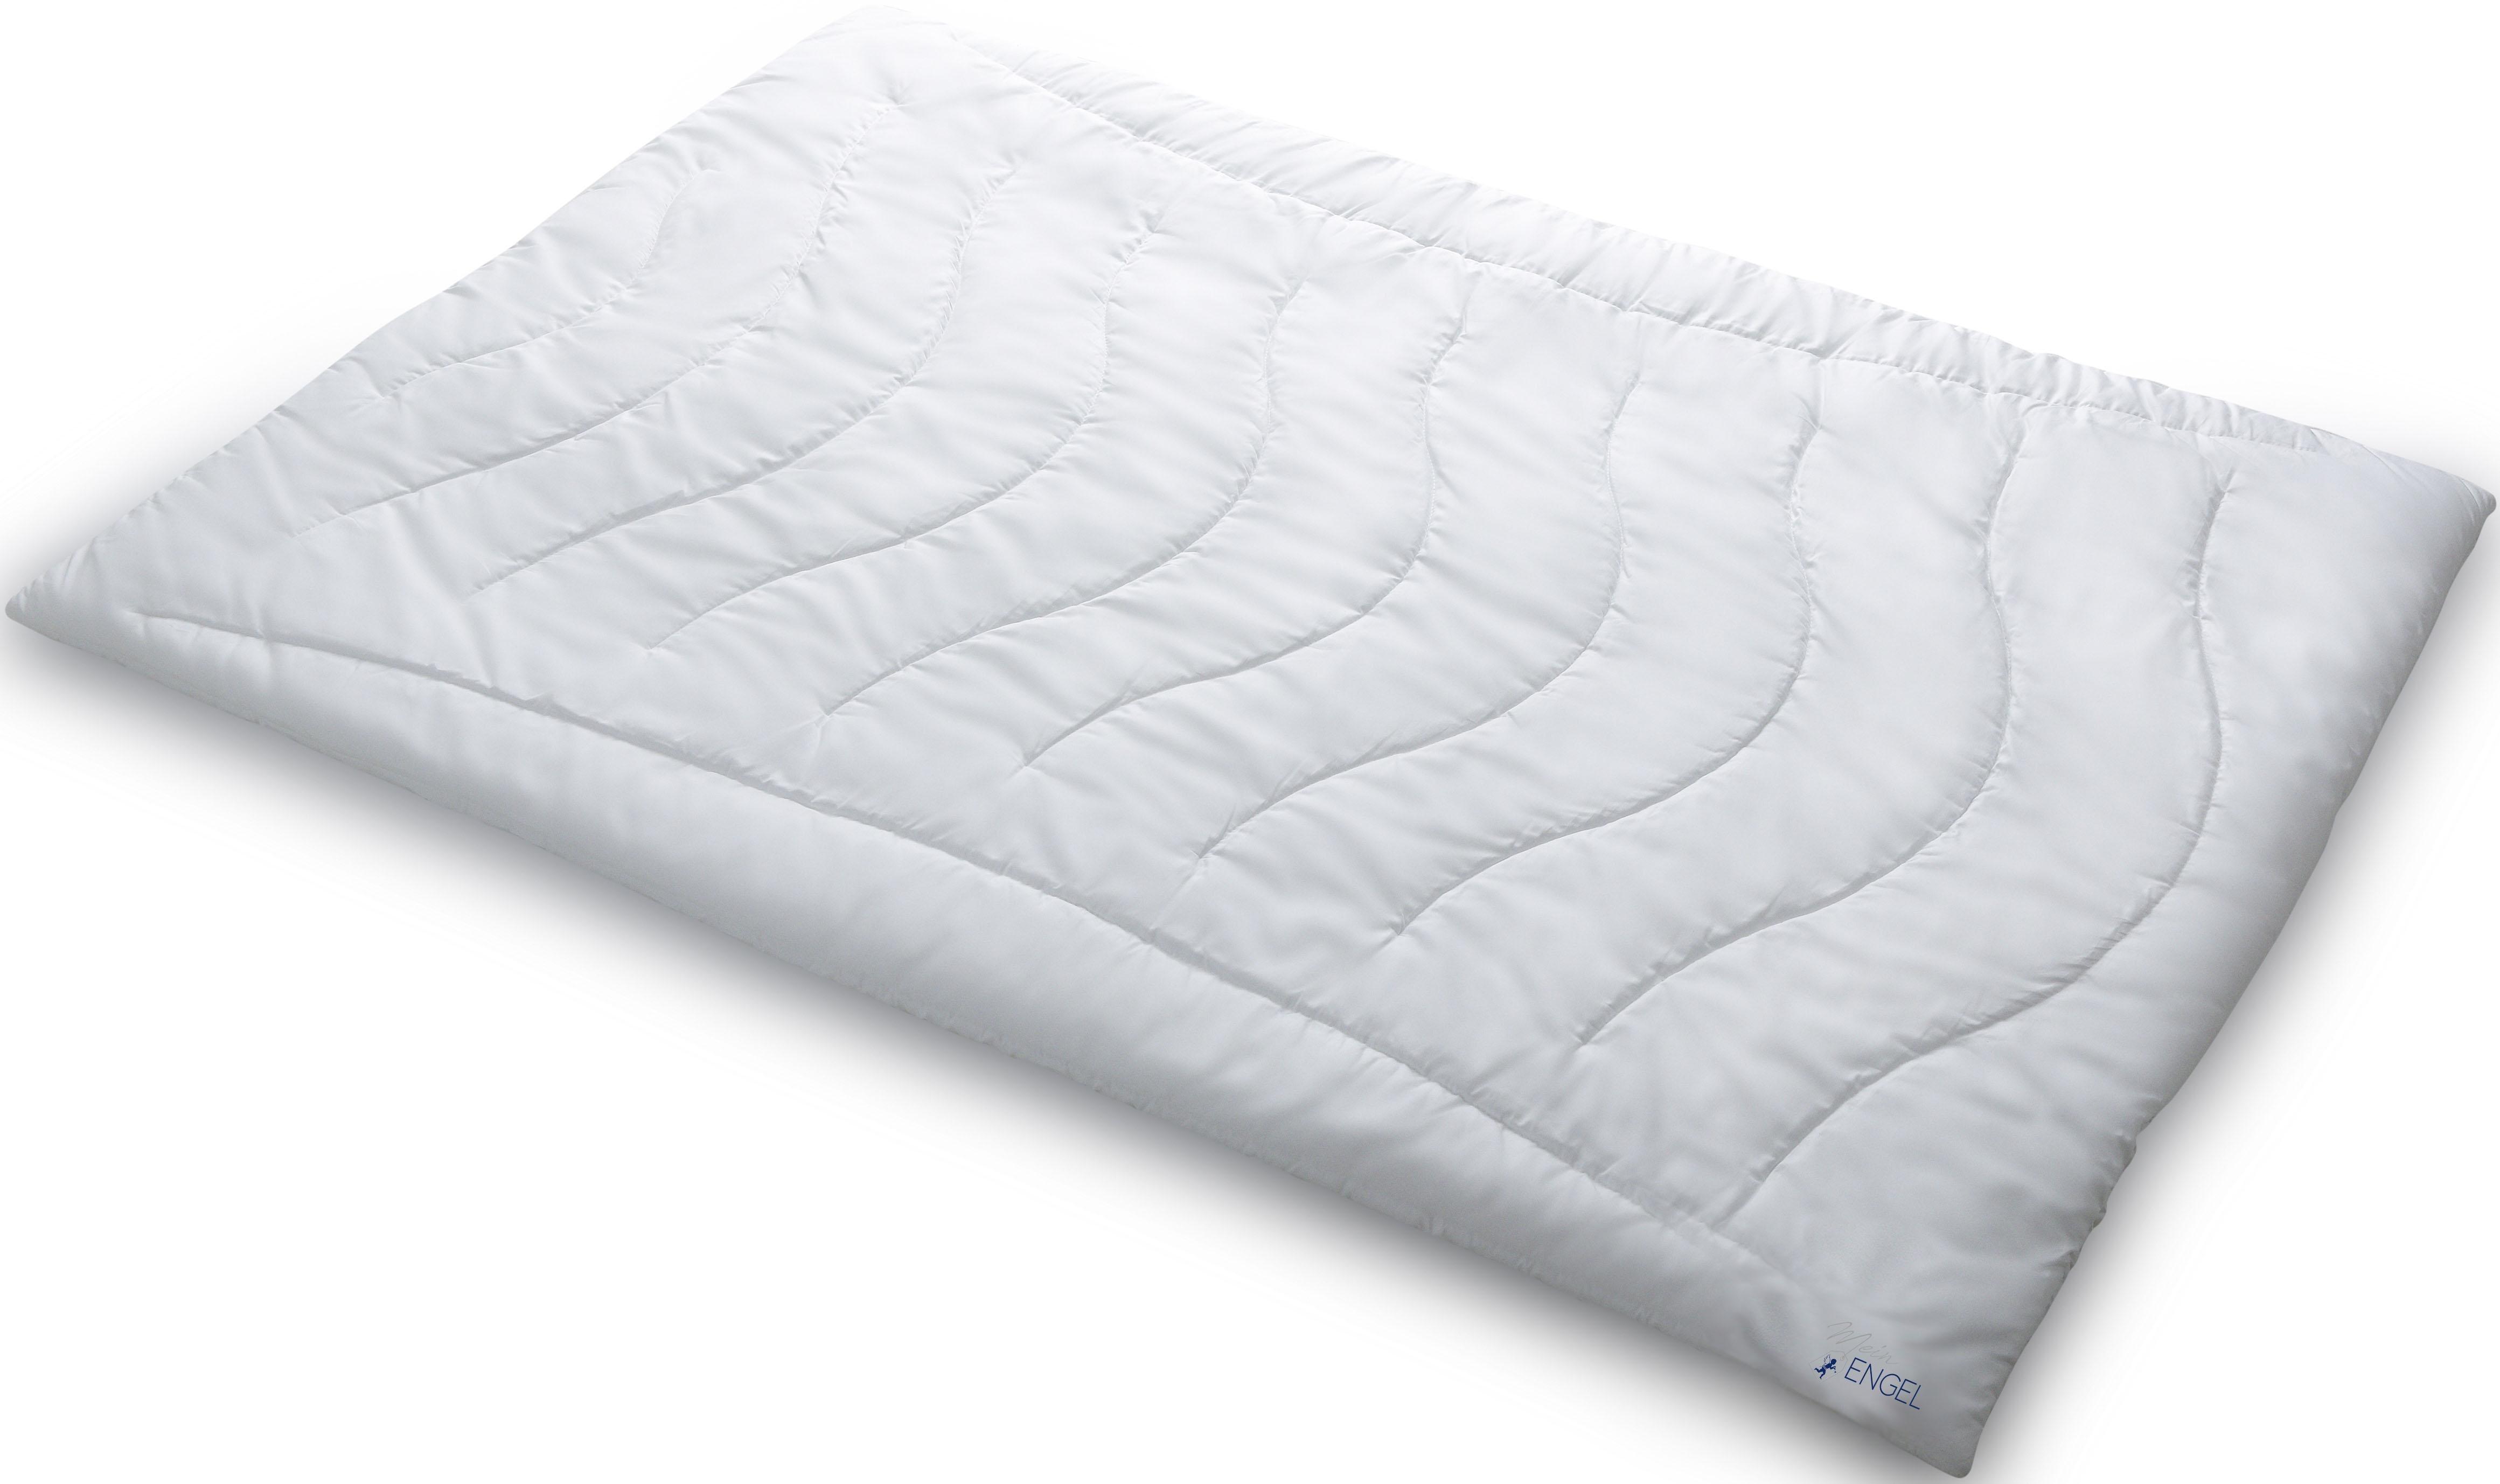 Baumwollbettdecke, »Mein Engel«, Schlaf Stil, extrawarm, Bezug: 100% Baumwolle, (1-tlg) | Heimtextilien > Decken und Kissen > Bettdecken | Schlaf Stil